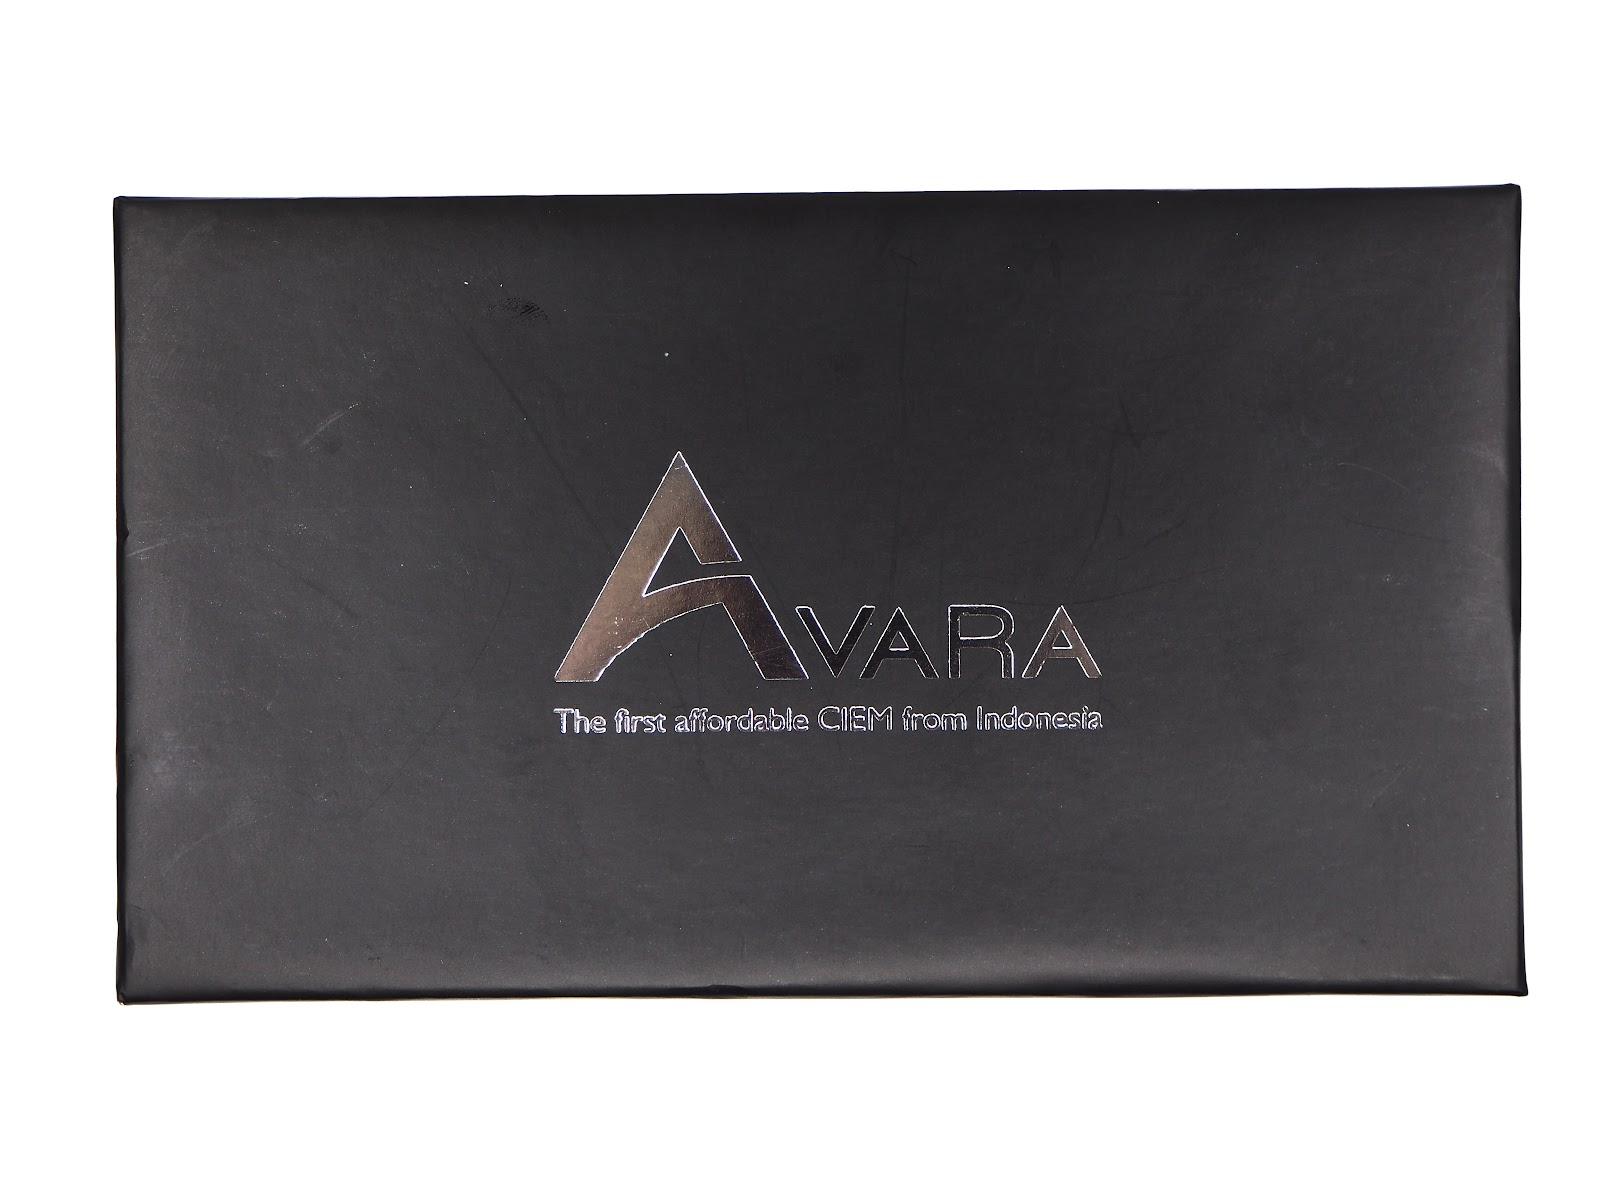 The box for Avara AV3